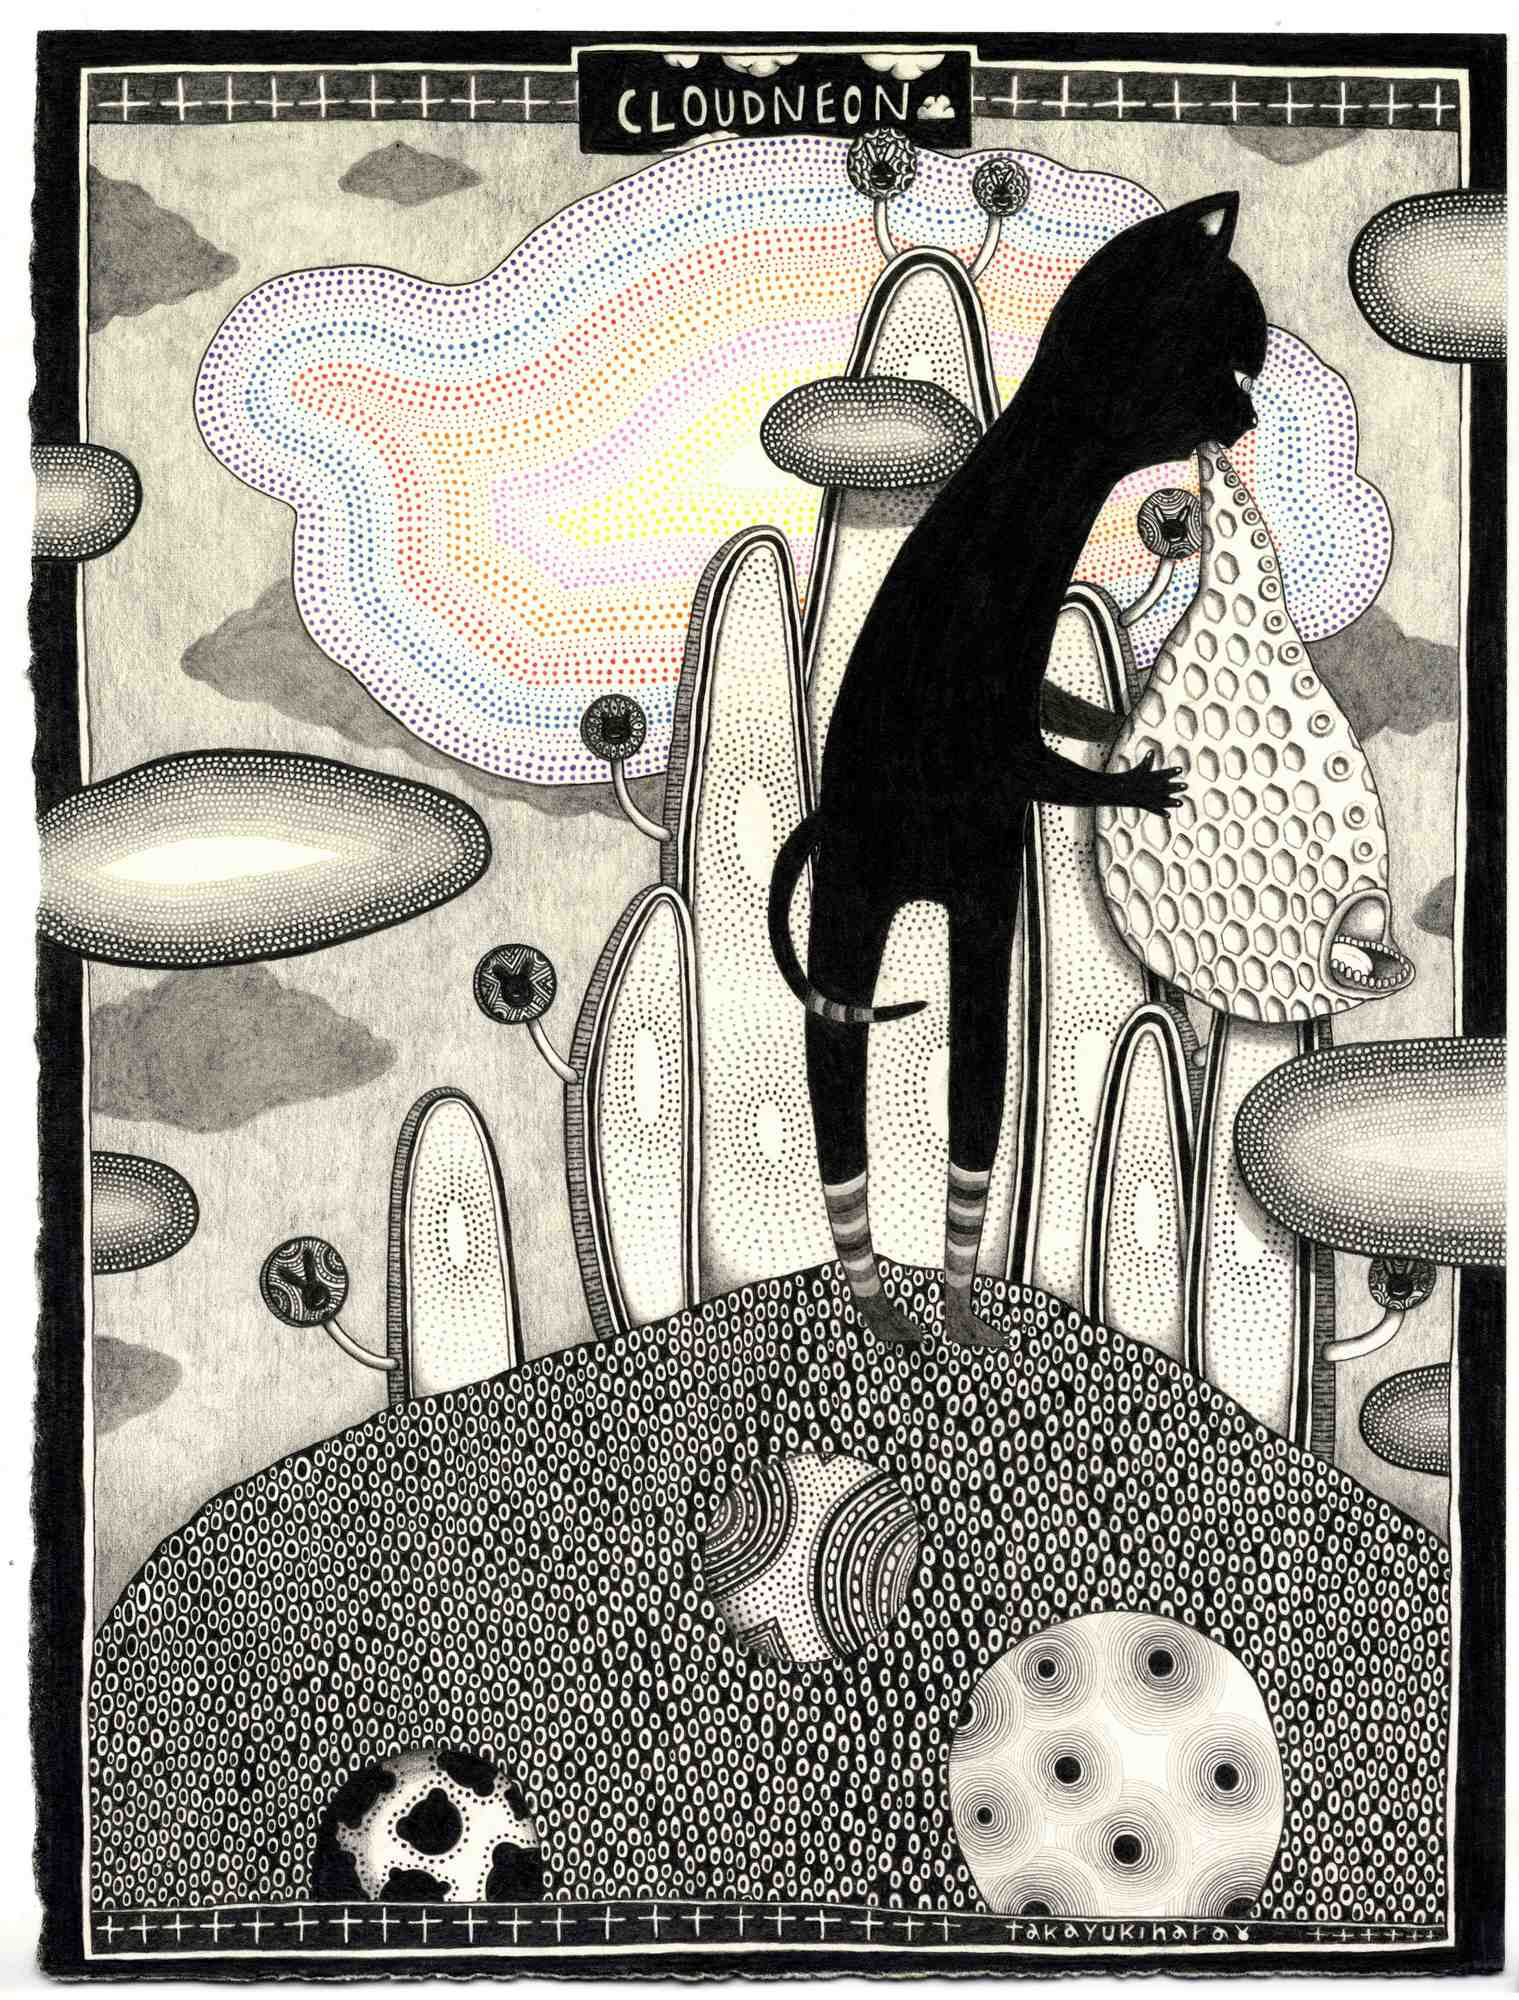 """""""Neonowa chmura"""" / """"Cloudneon"""", 2013, ołówek na papierze / graphite on paper (źródło: materiały prasowe organizatora)"""